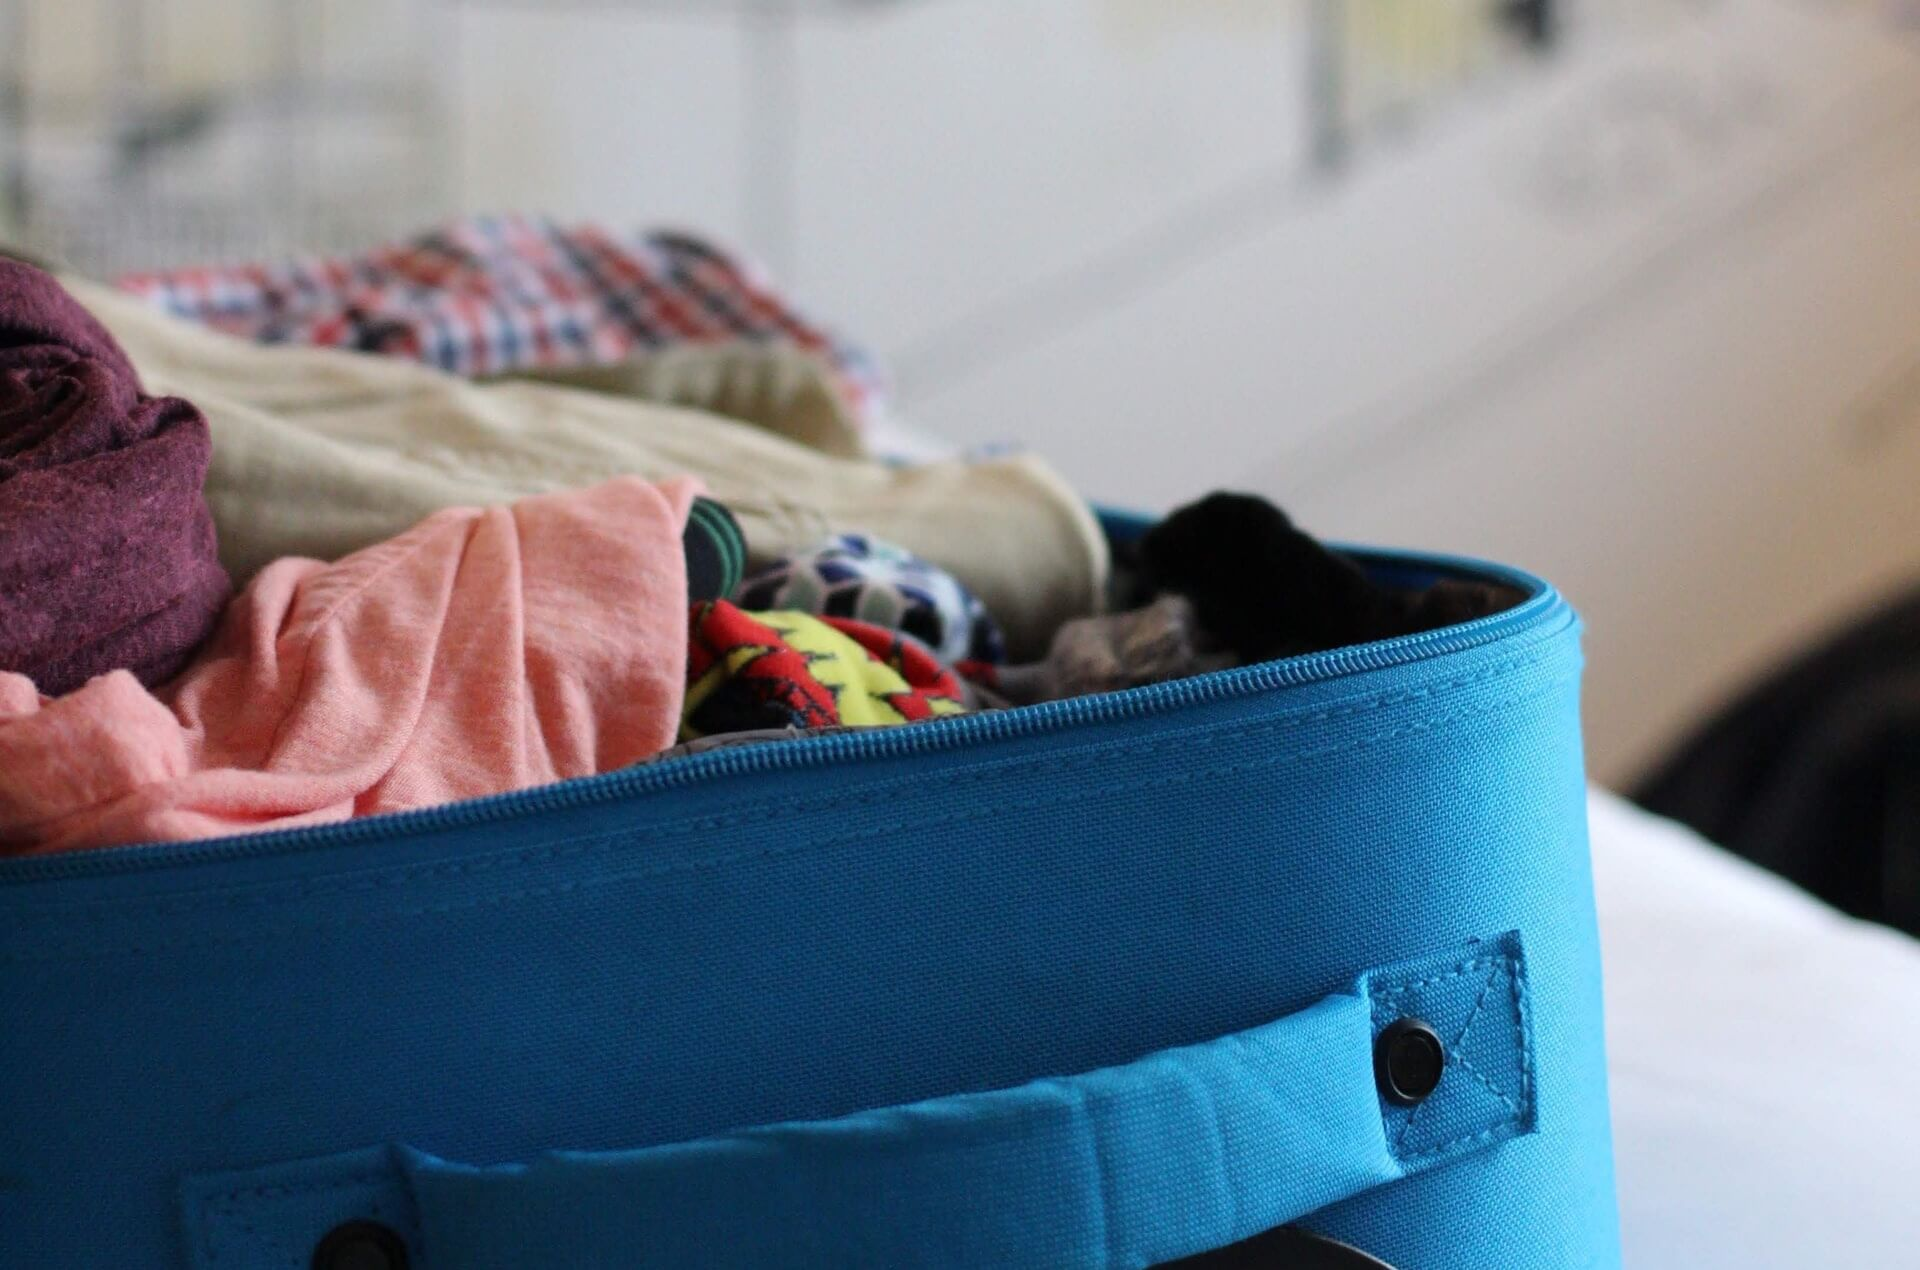 Vrijeme je za selidbu: Četiri koraka koja će vam olakšati napuštanje studentske sobe